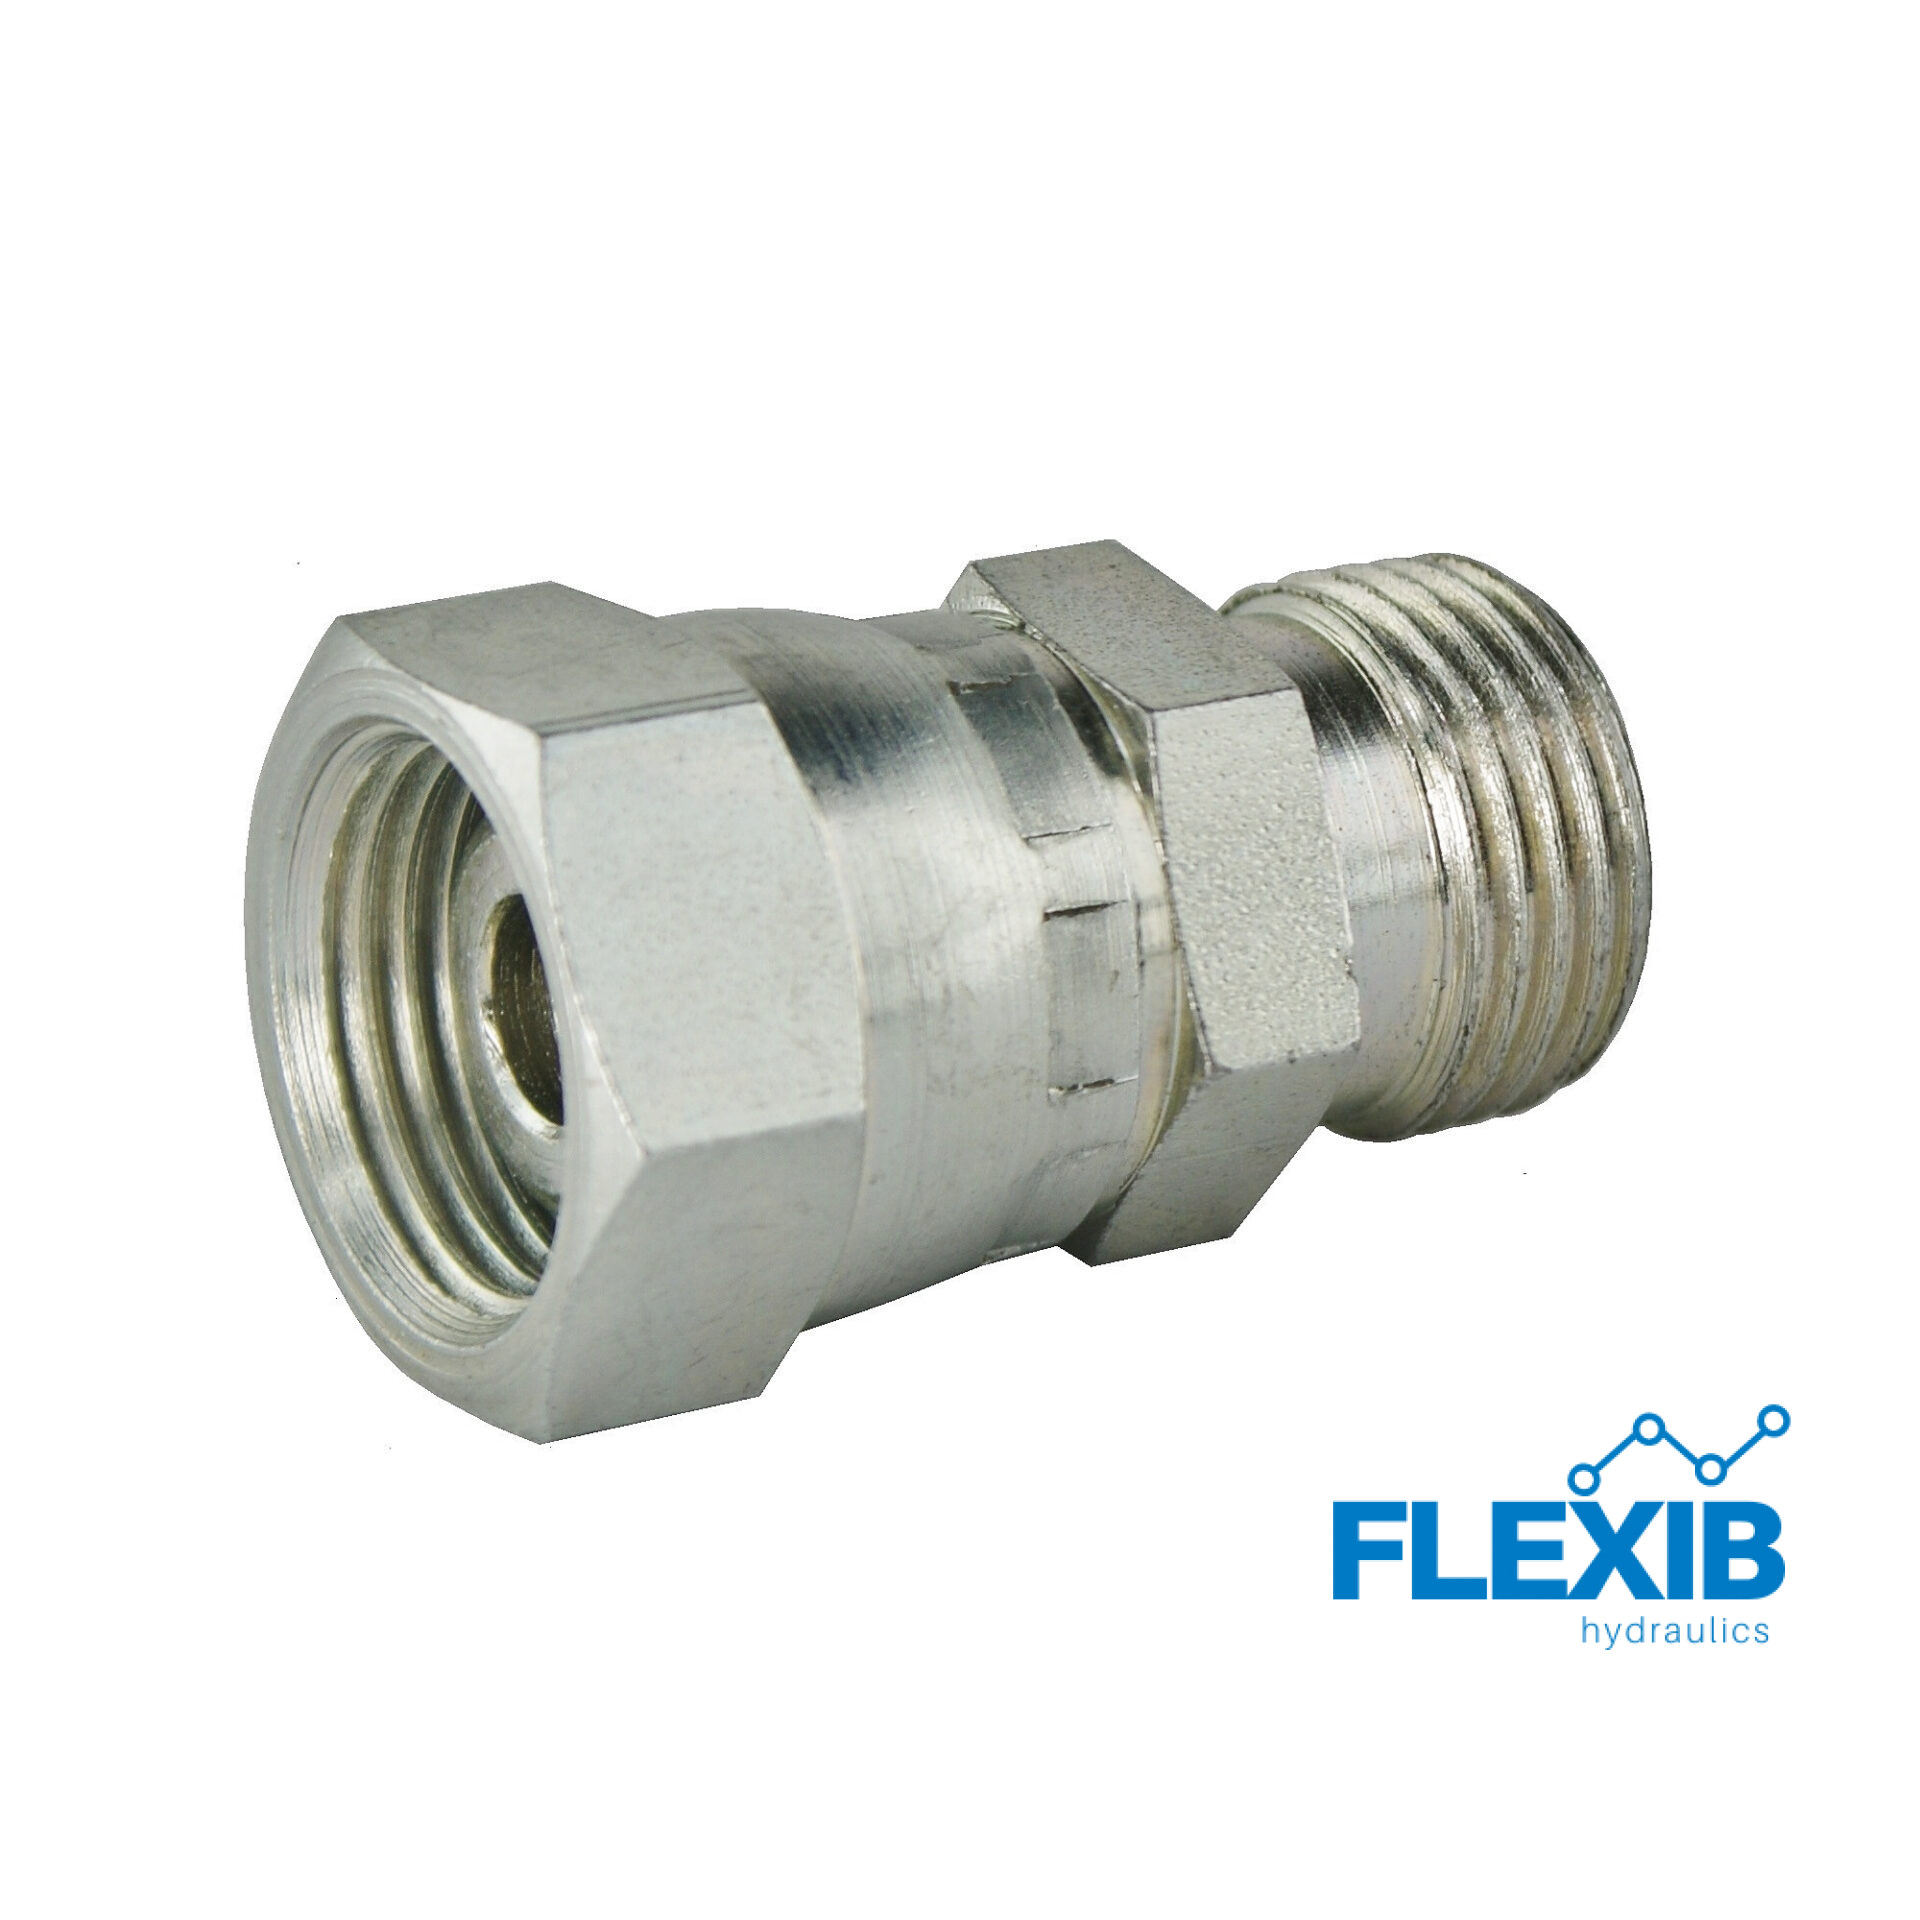 Hüdrauliline ühendus Tüüp AB meeterKeere: 16×1.5 – 18×1.5 AB Hüdraulika ühendused AB Hüdraulika ühendused